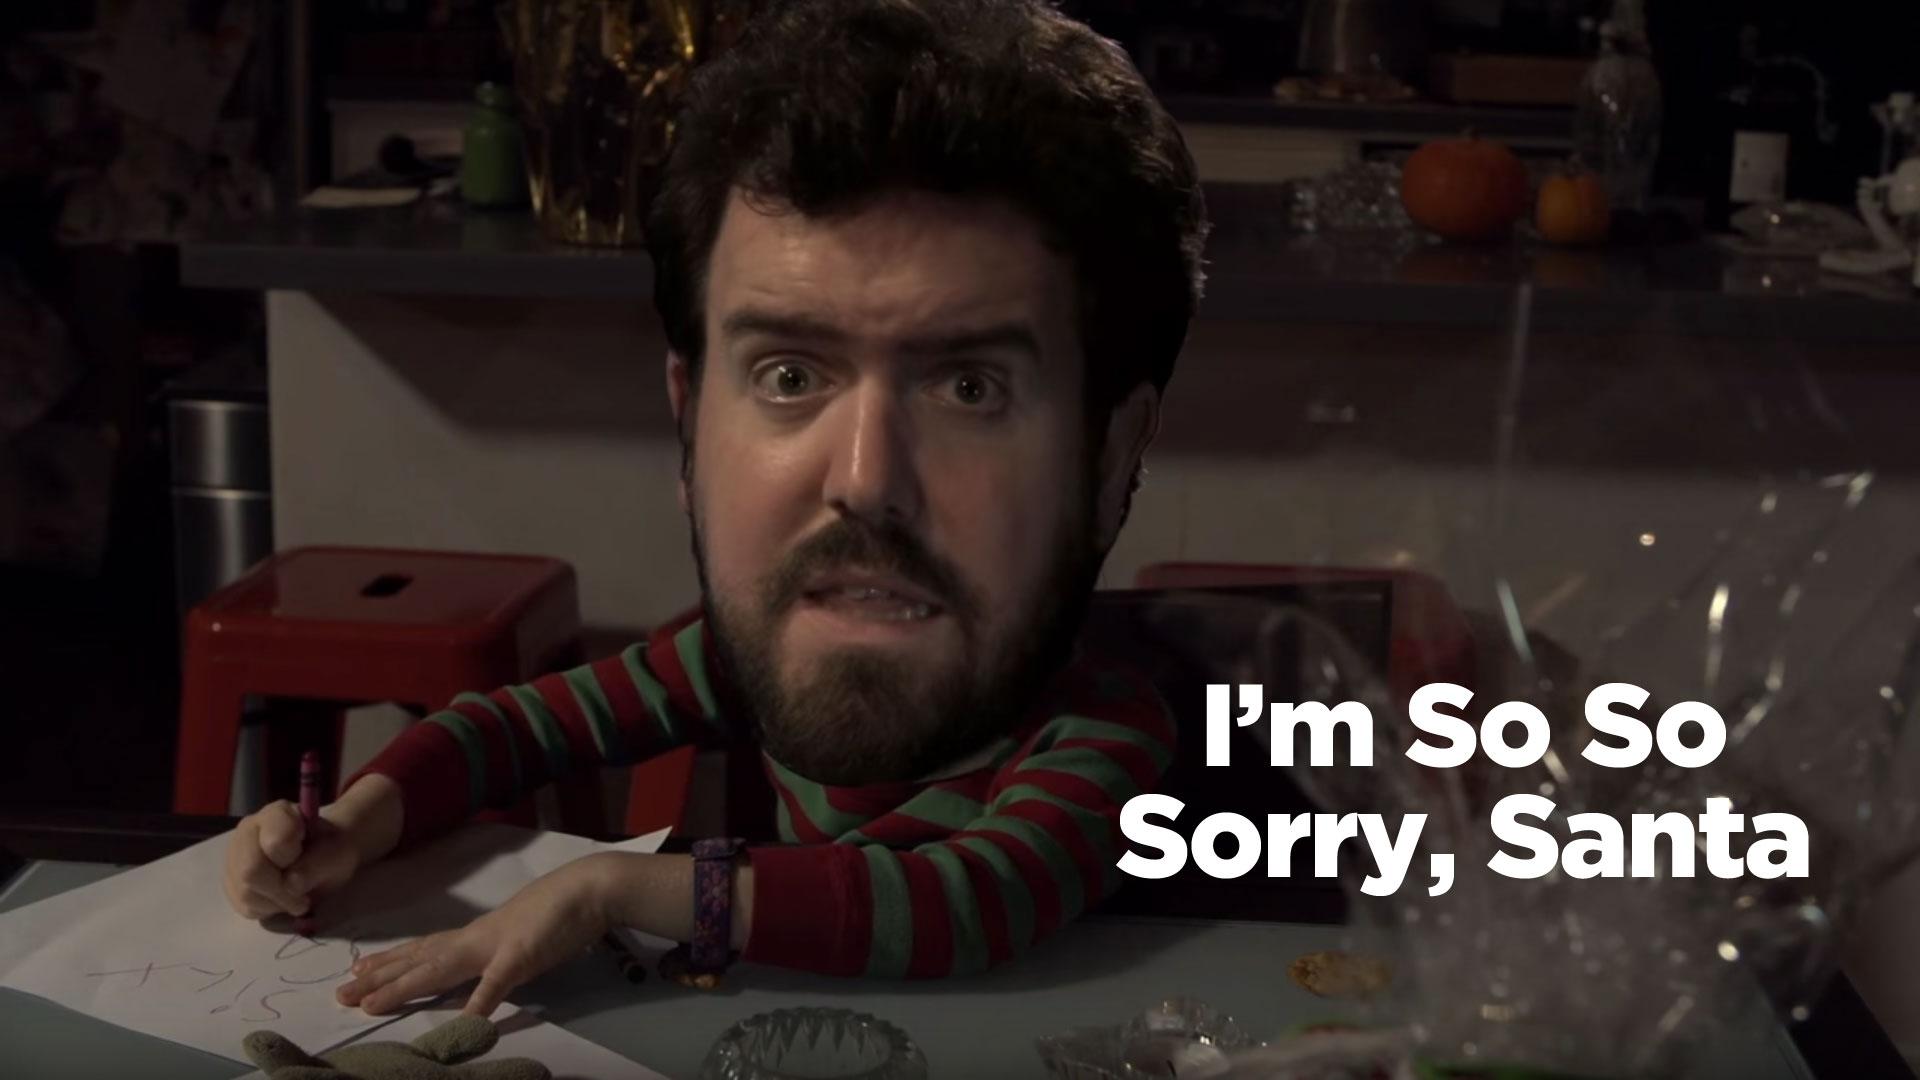 I'm So So Sorry, Santa